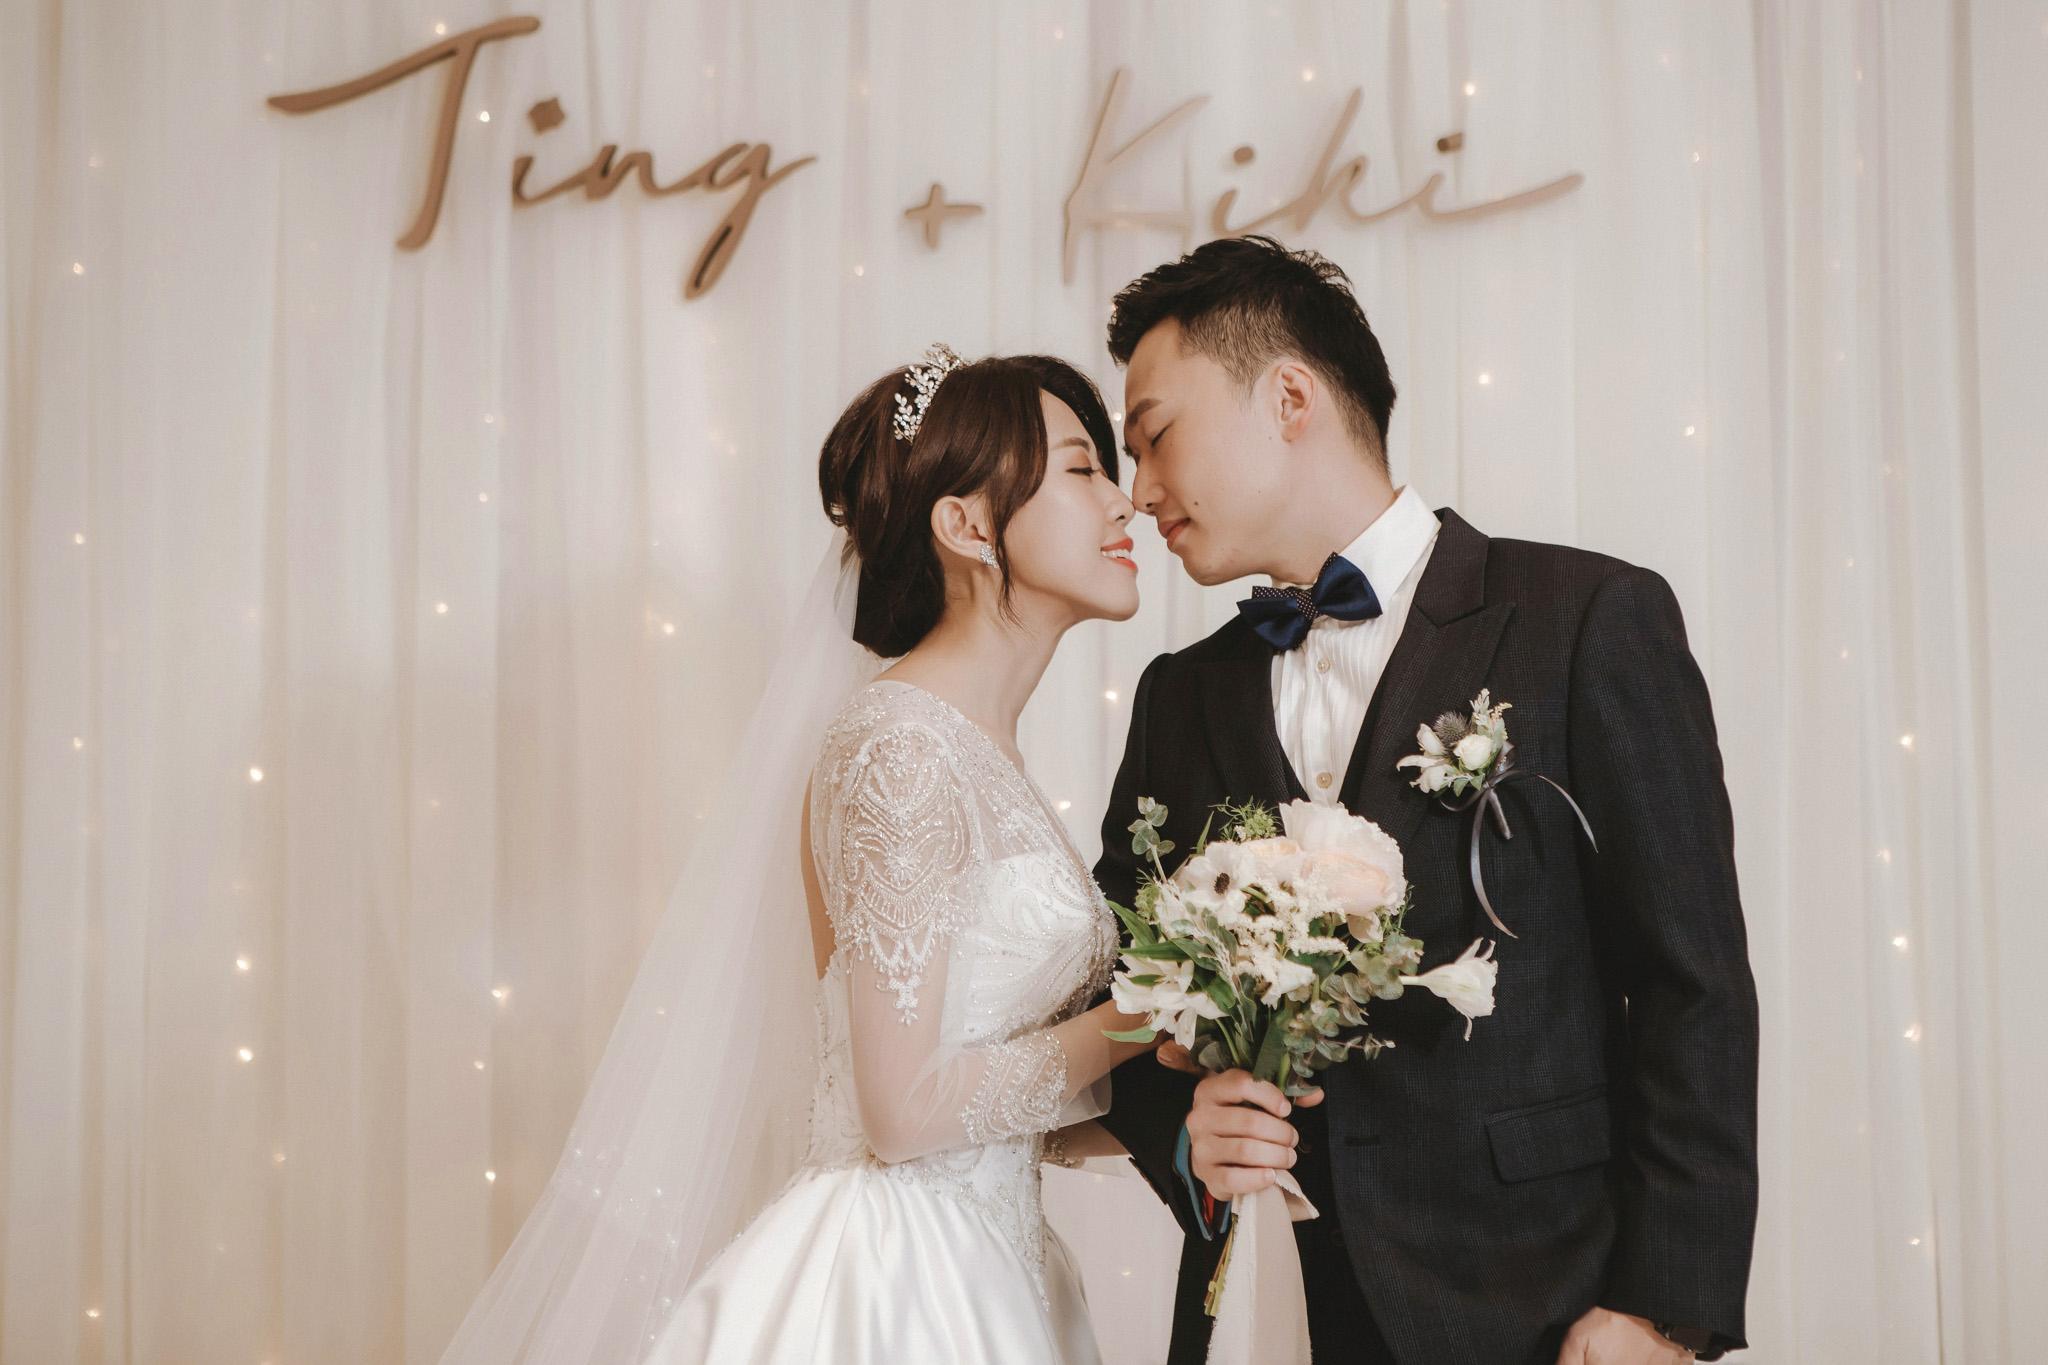 EW 居米 台北婚宴 台北婚紗 台北婚攝 國泰萬怡 台北婚禮 -40